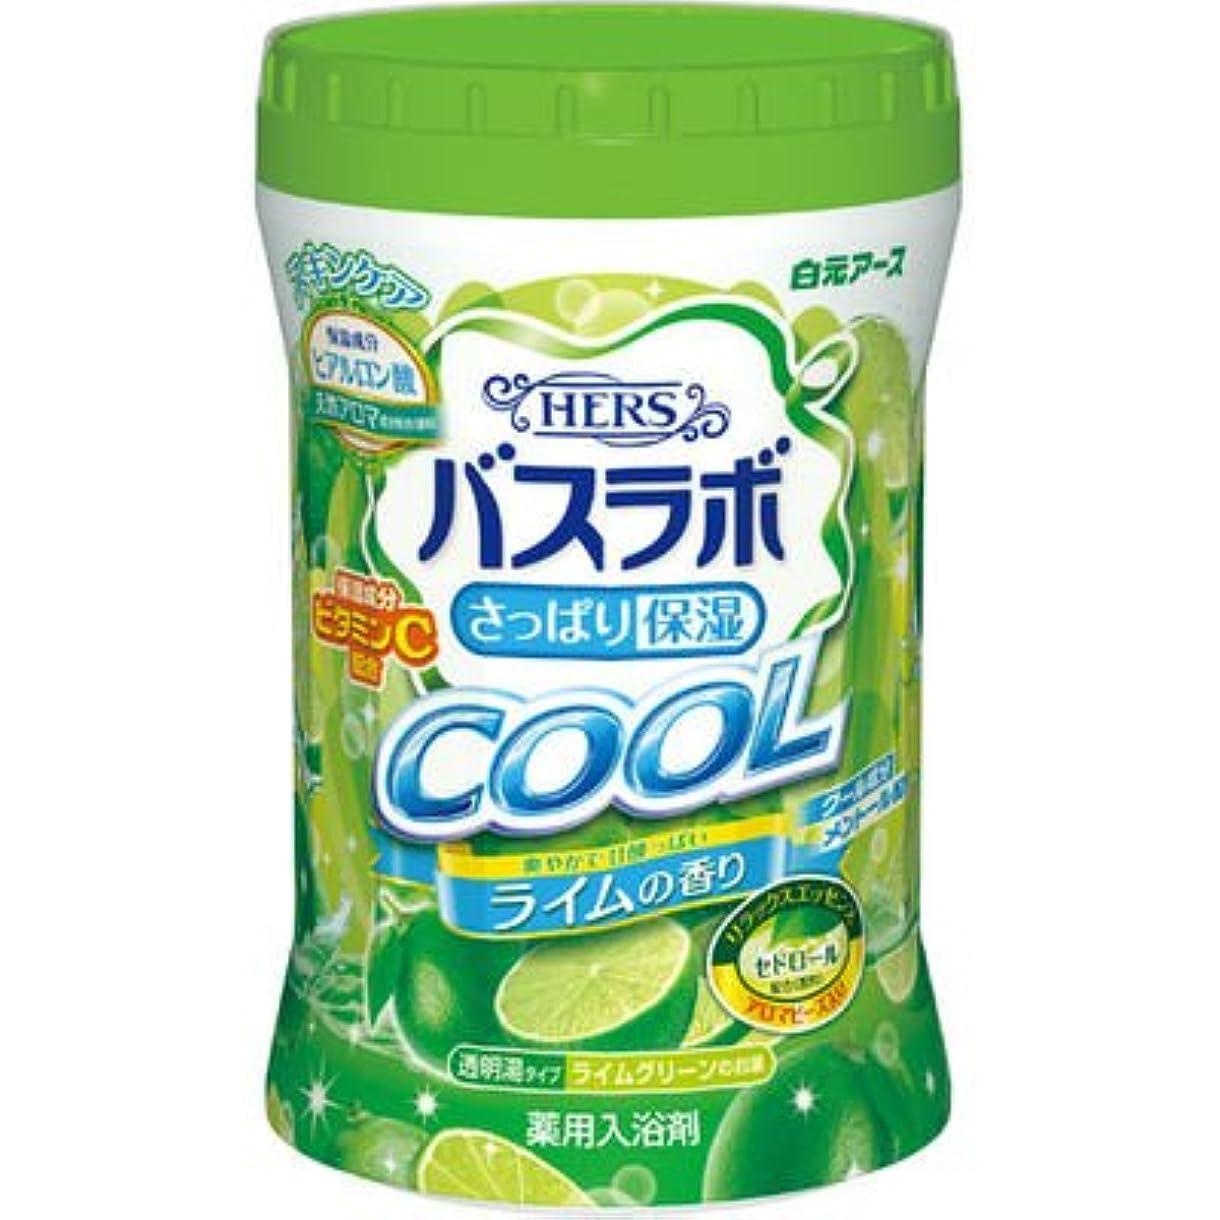 も読みやすさドライ白元アース HERSバスラボ さっぱり保湿 COOL ライムの香り 640g E537344H